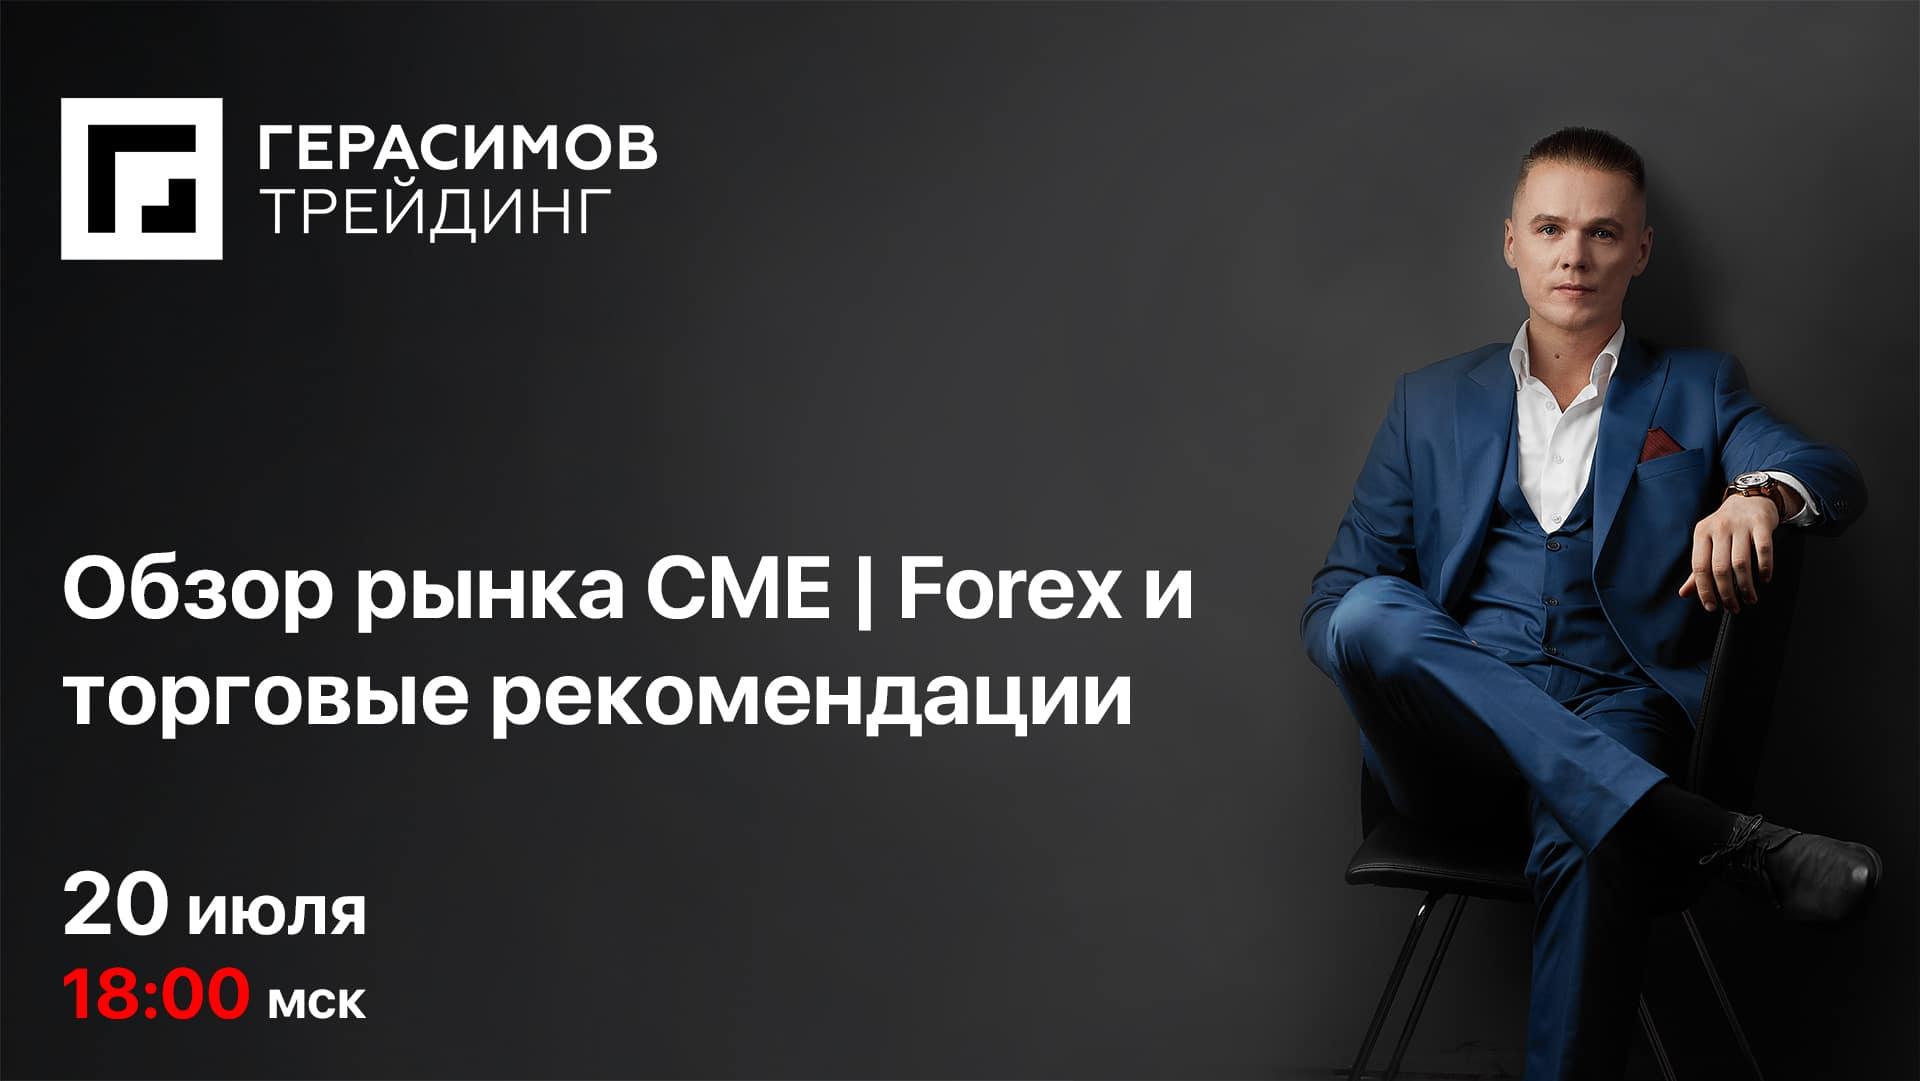 Обзор рынка CME | Forex и торговые рекомендации от 20.07.2021. Никита Герасимов